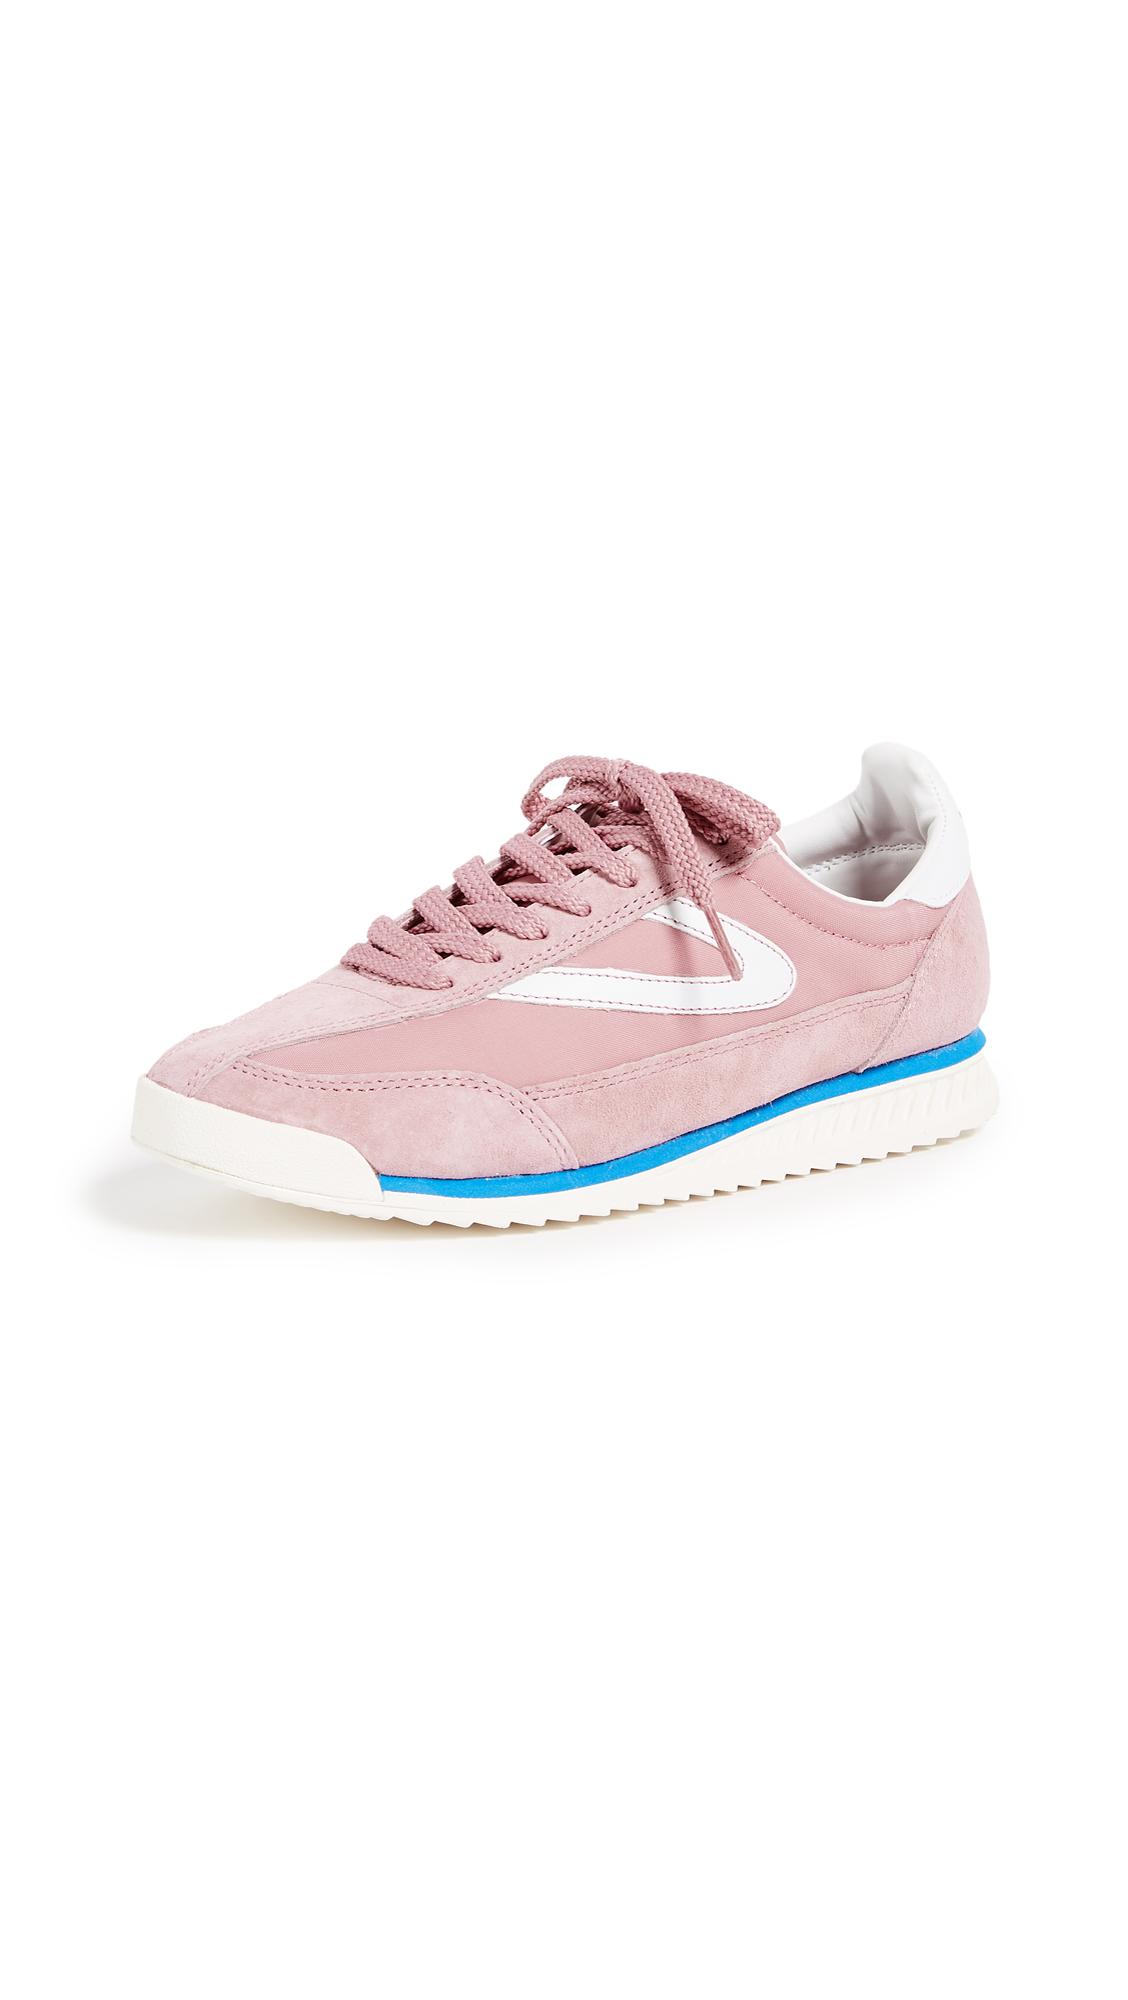 Tretorn Rawlins III Joggers - Pink